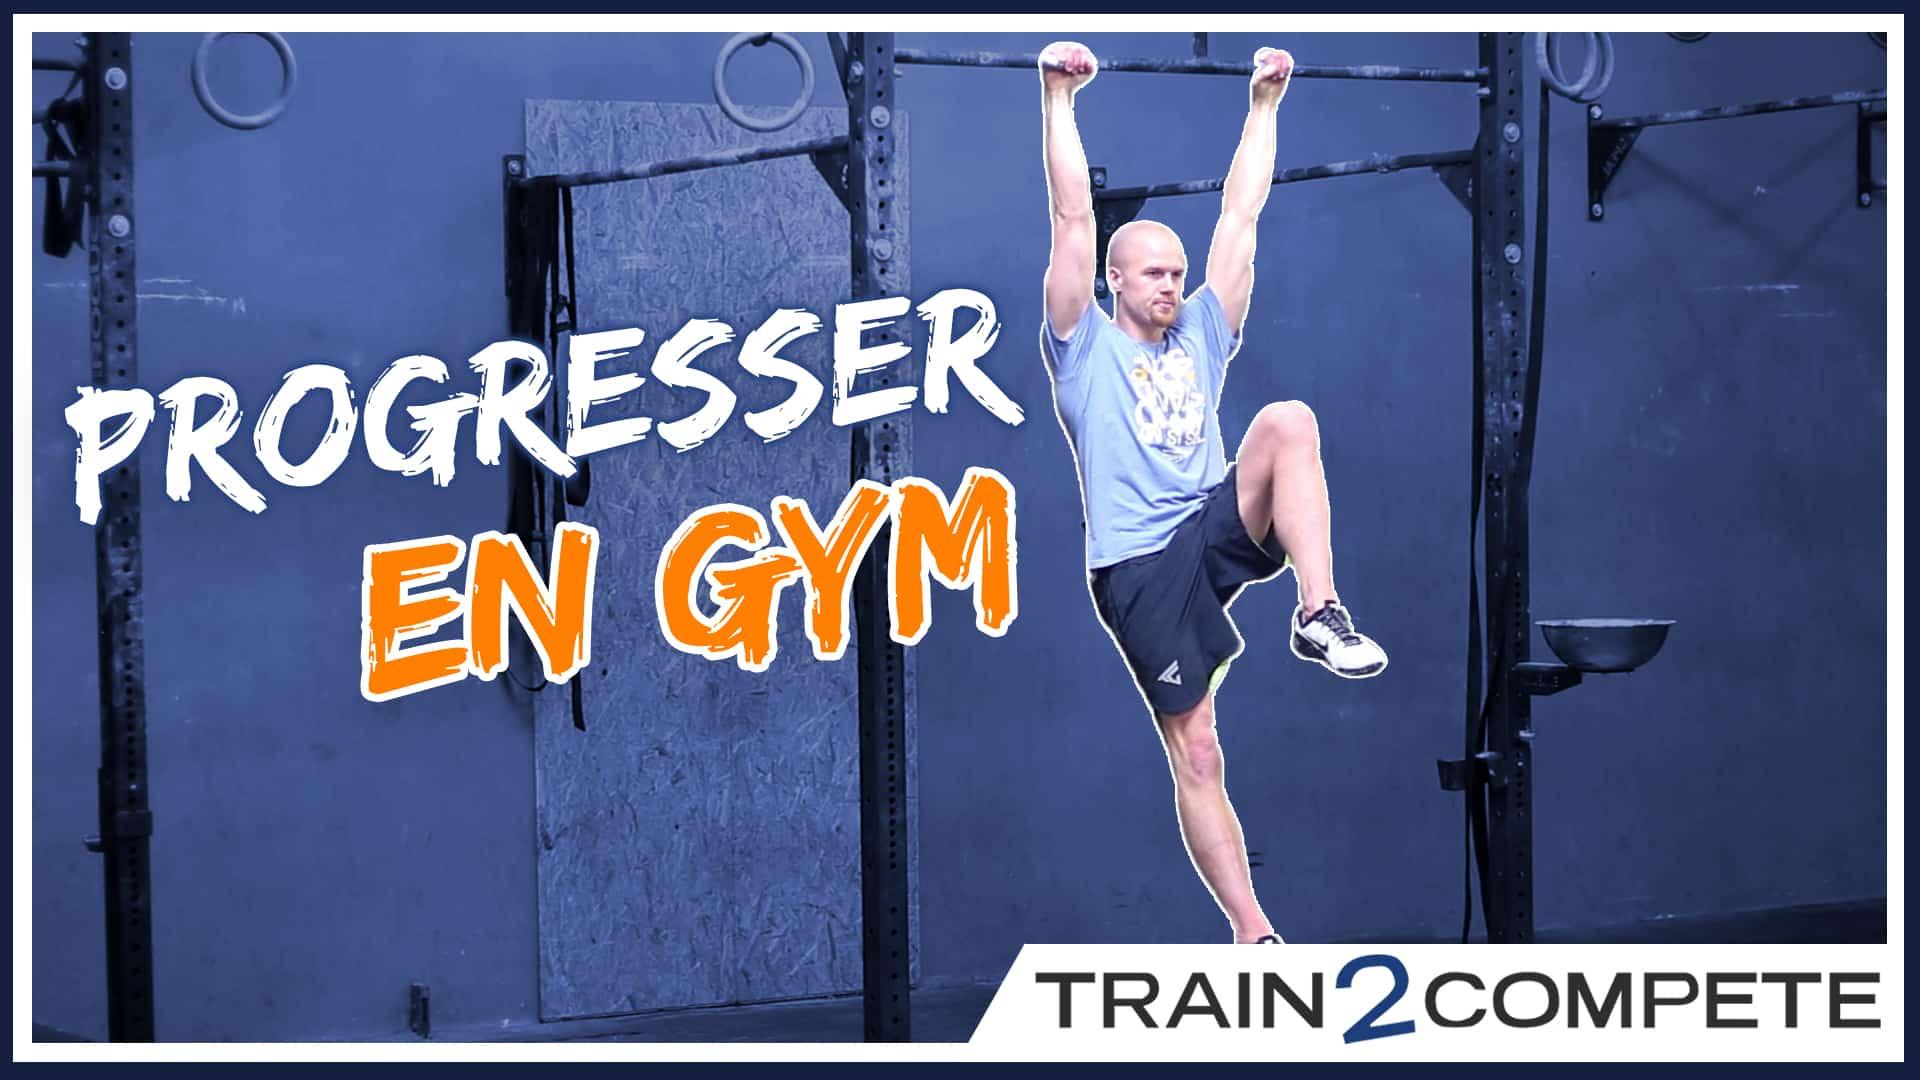 Progresser en gym en CrossFit